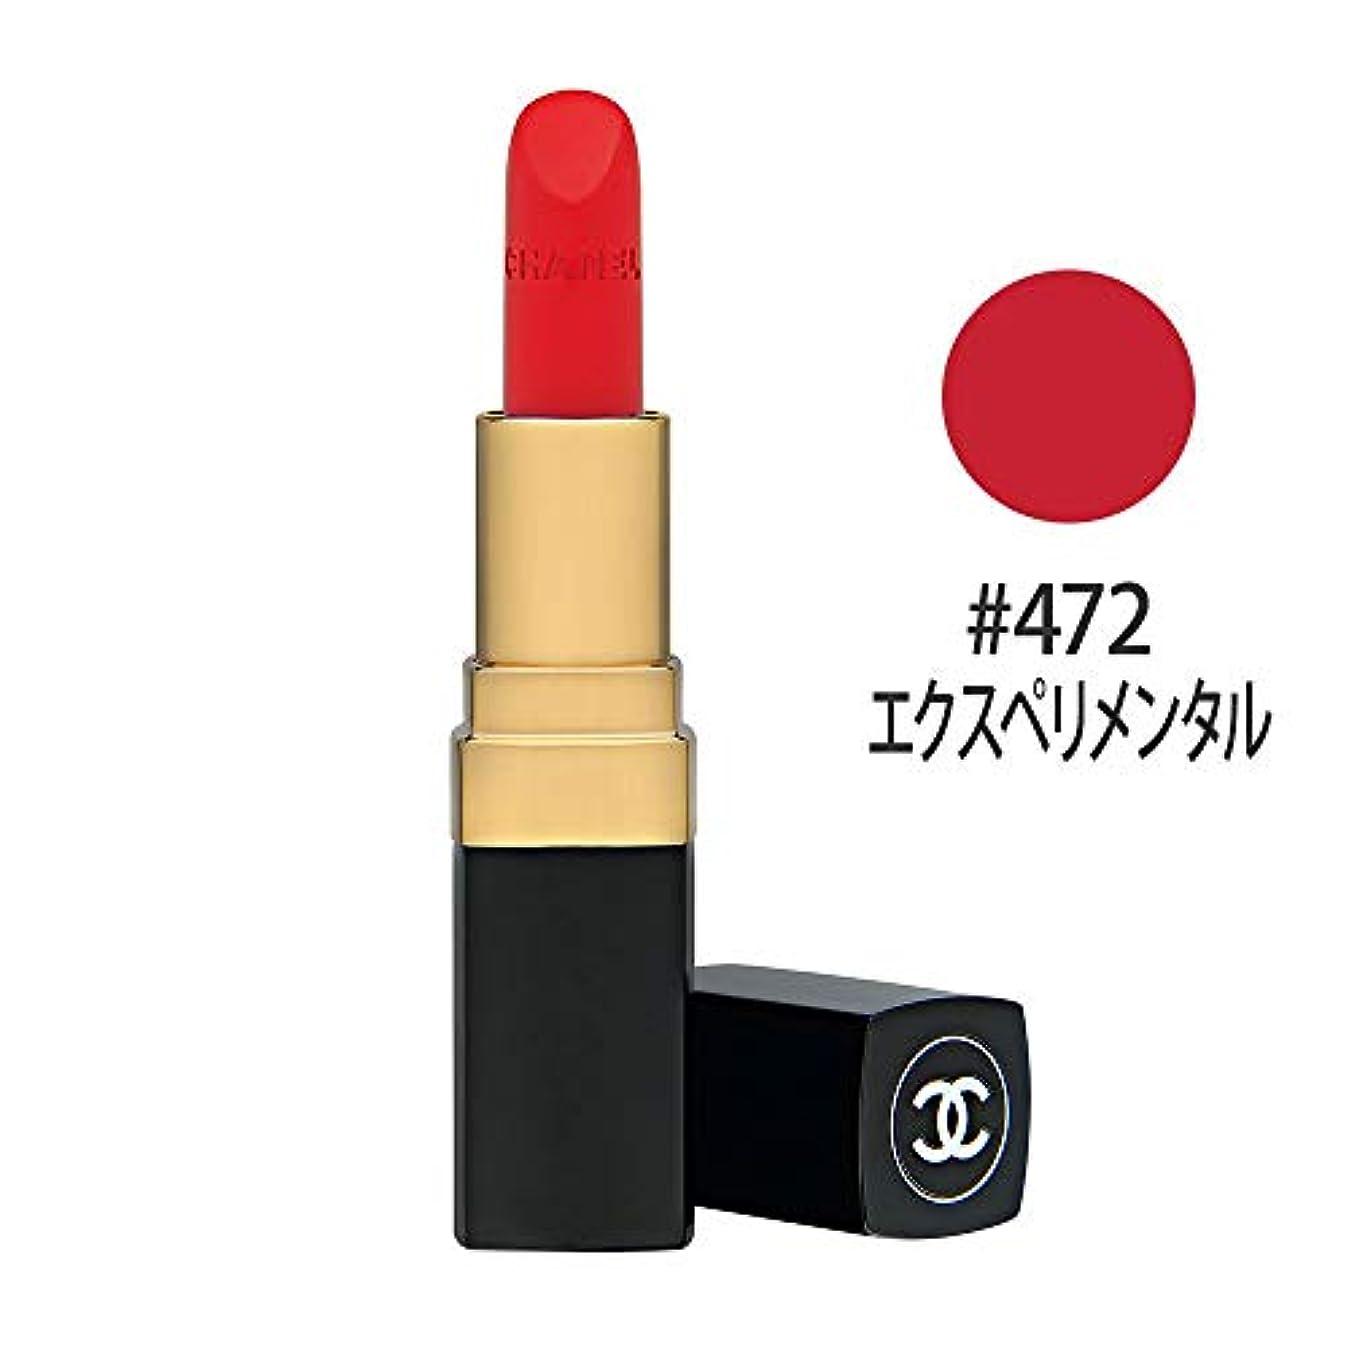 セクションアルプス療法【シャネル】ルージュ ココ #472 エクスペリメンタル 3.5g [並行輸入品]